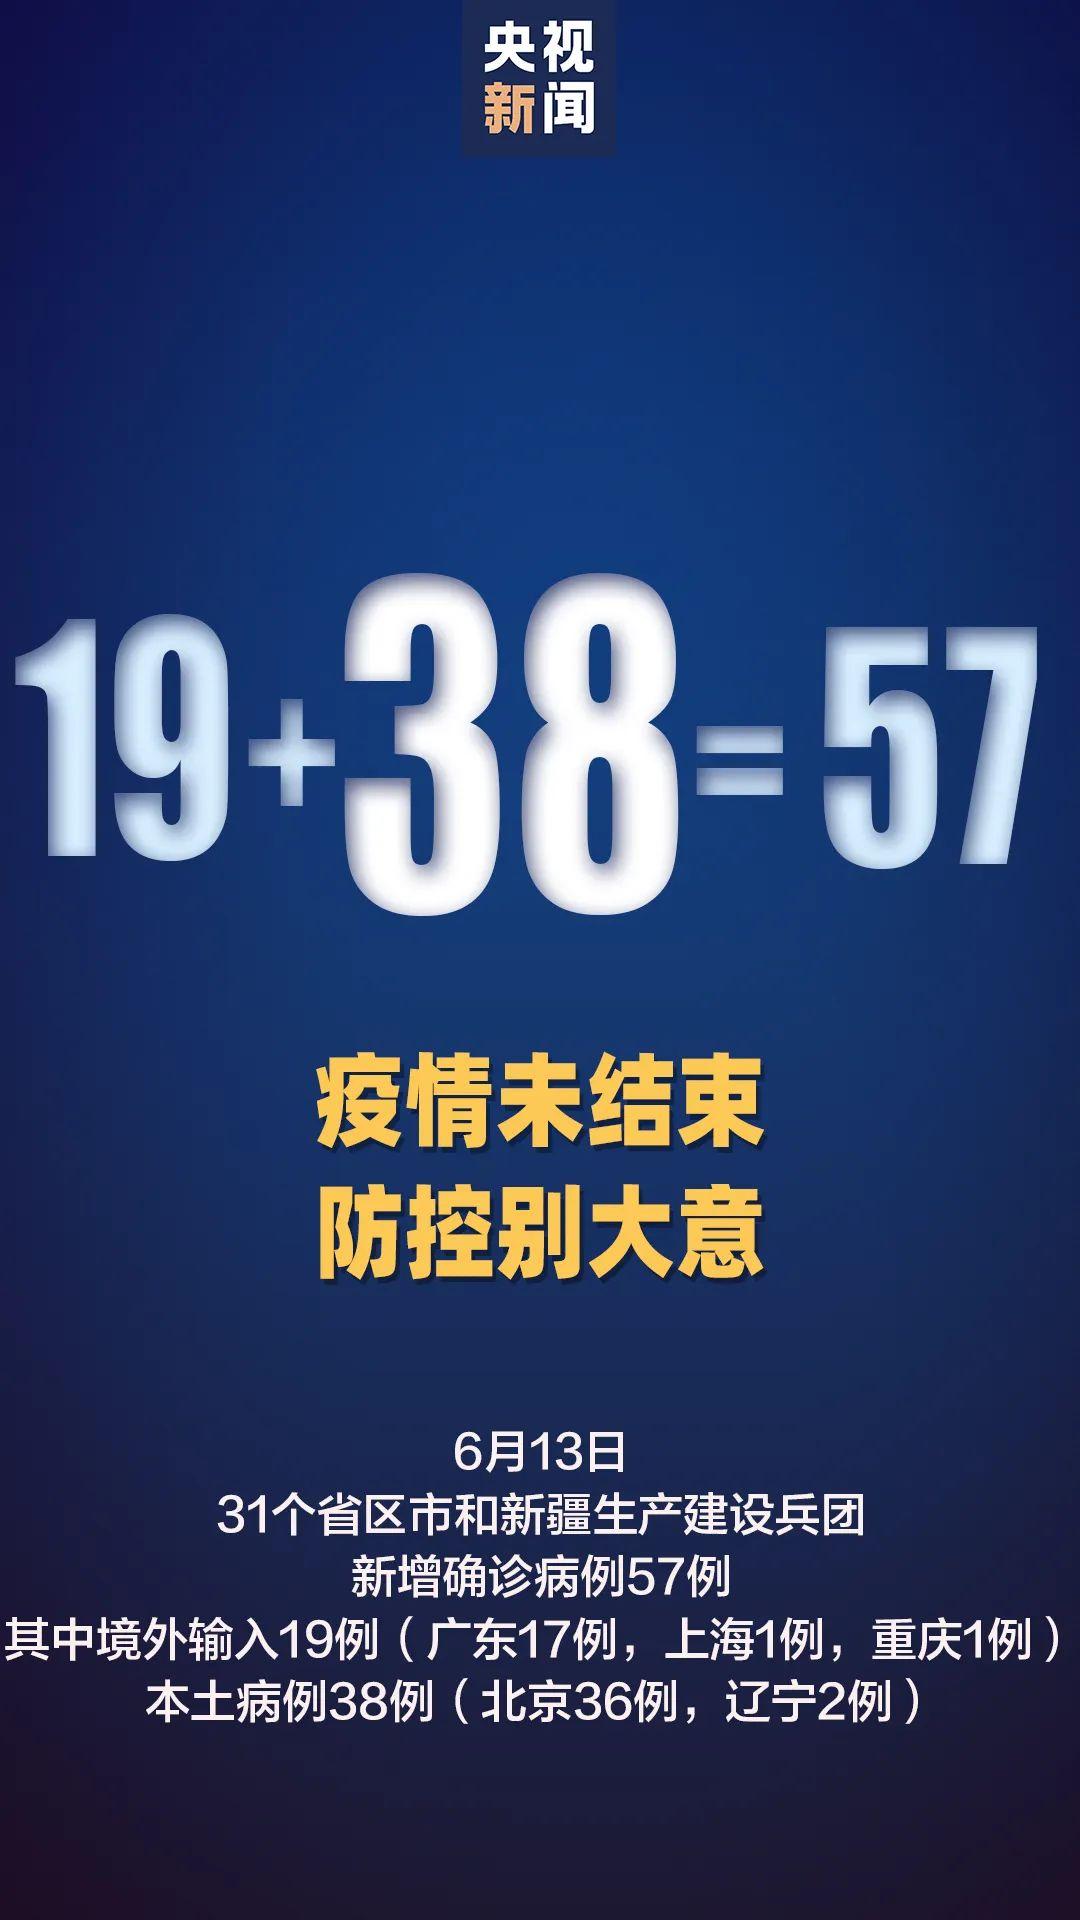 北京病例增多 郭志坚:喊心累不是办法 行动才是答案图片